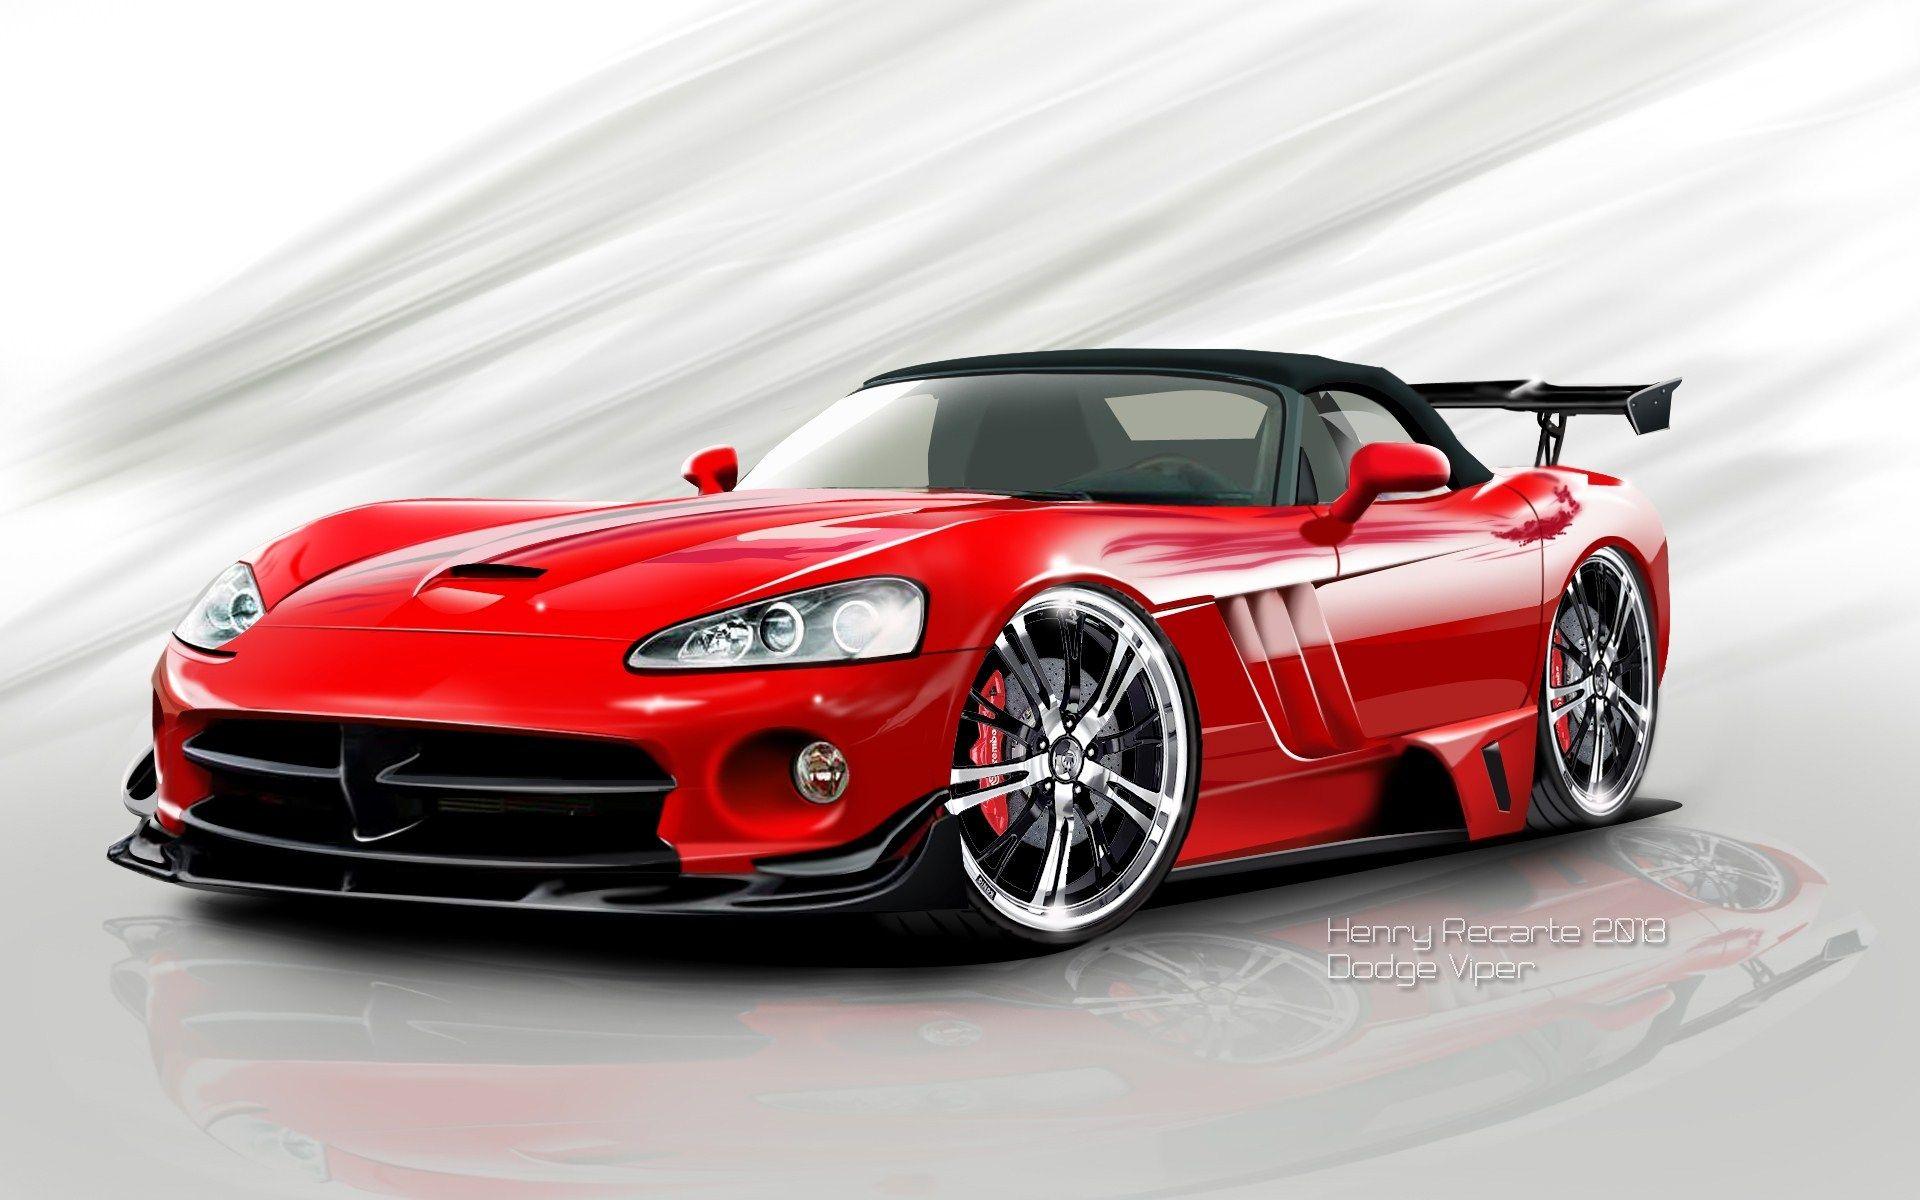 2015 srt viper acr 70 jpg 1600 1000 vehicles pinterest dodge viper viper and dodge